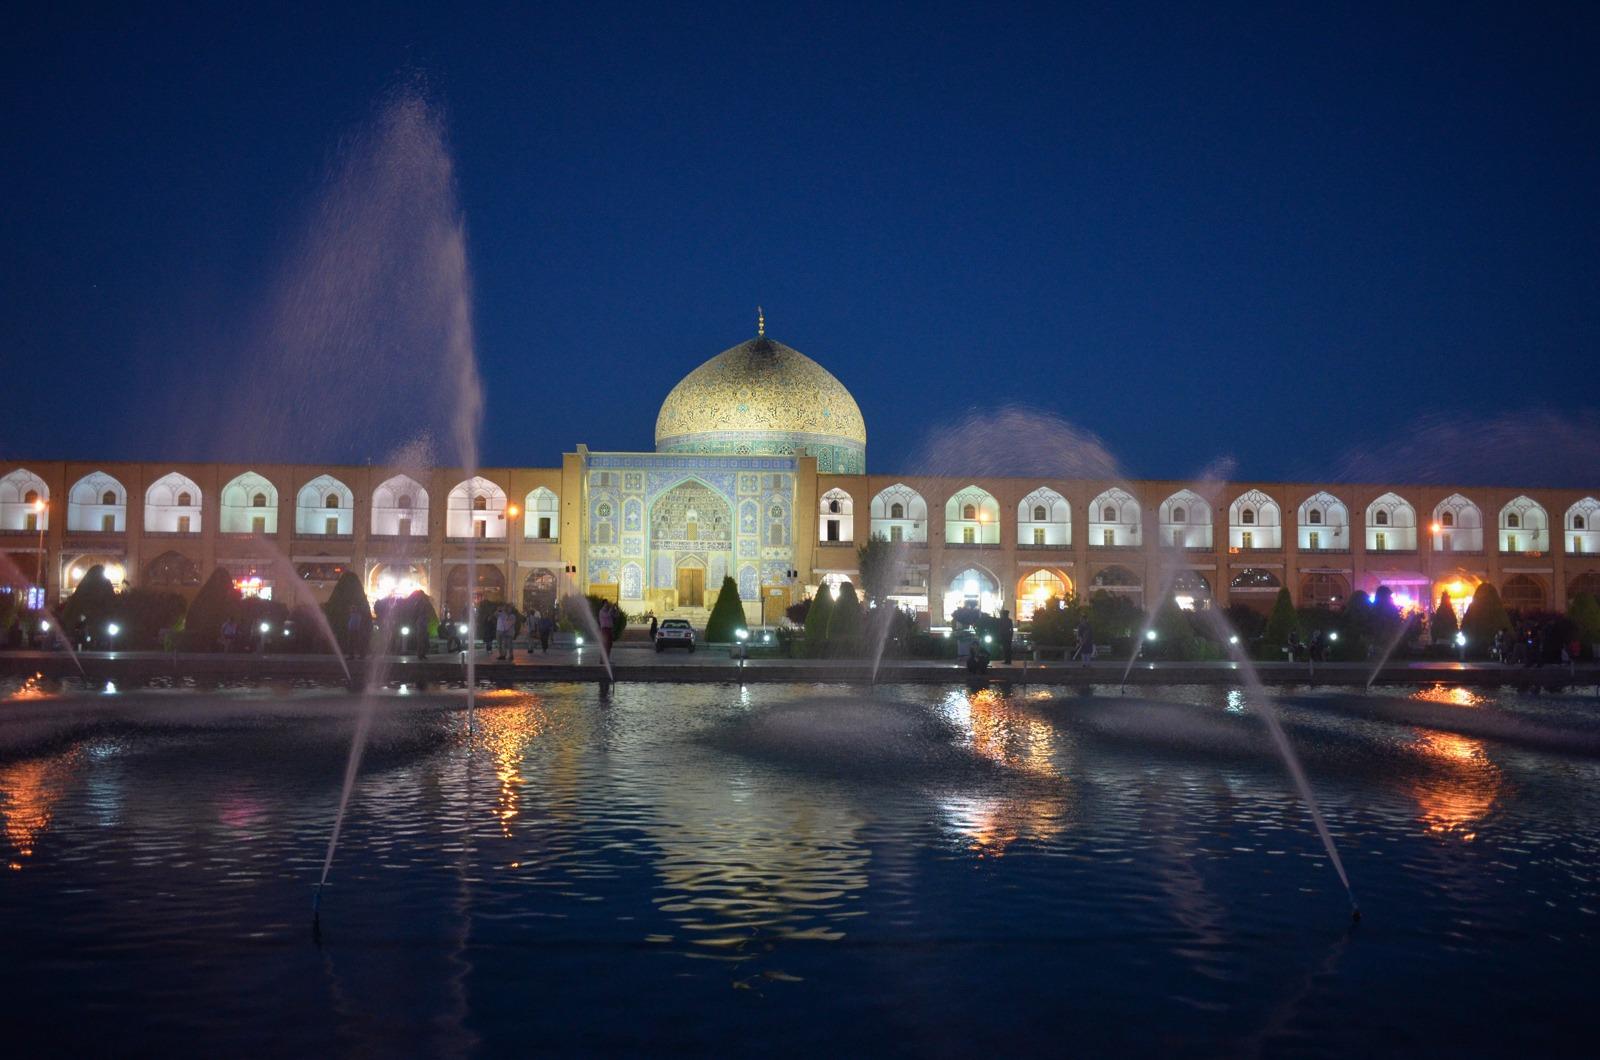 Lofollah Moschee in Isfahan